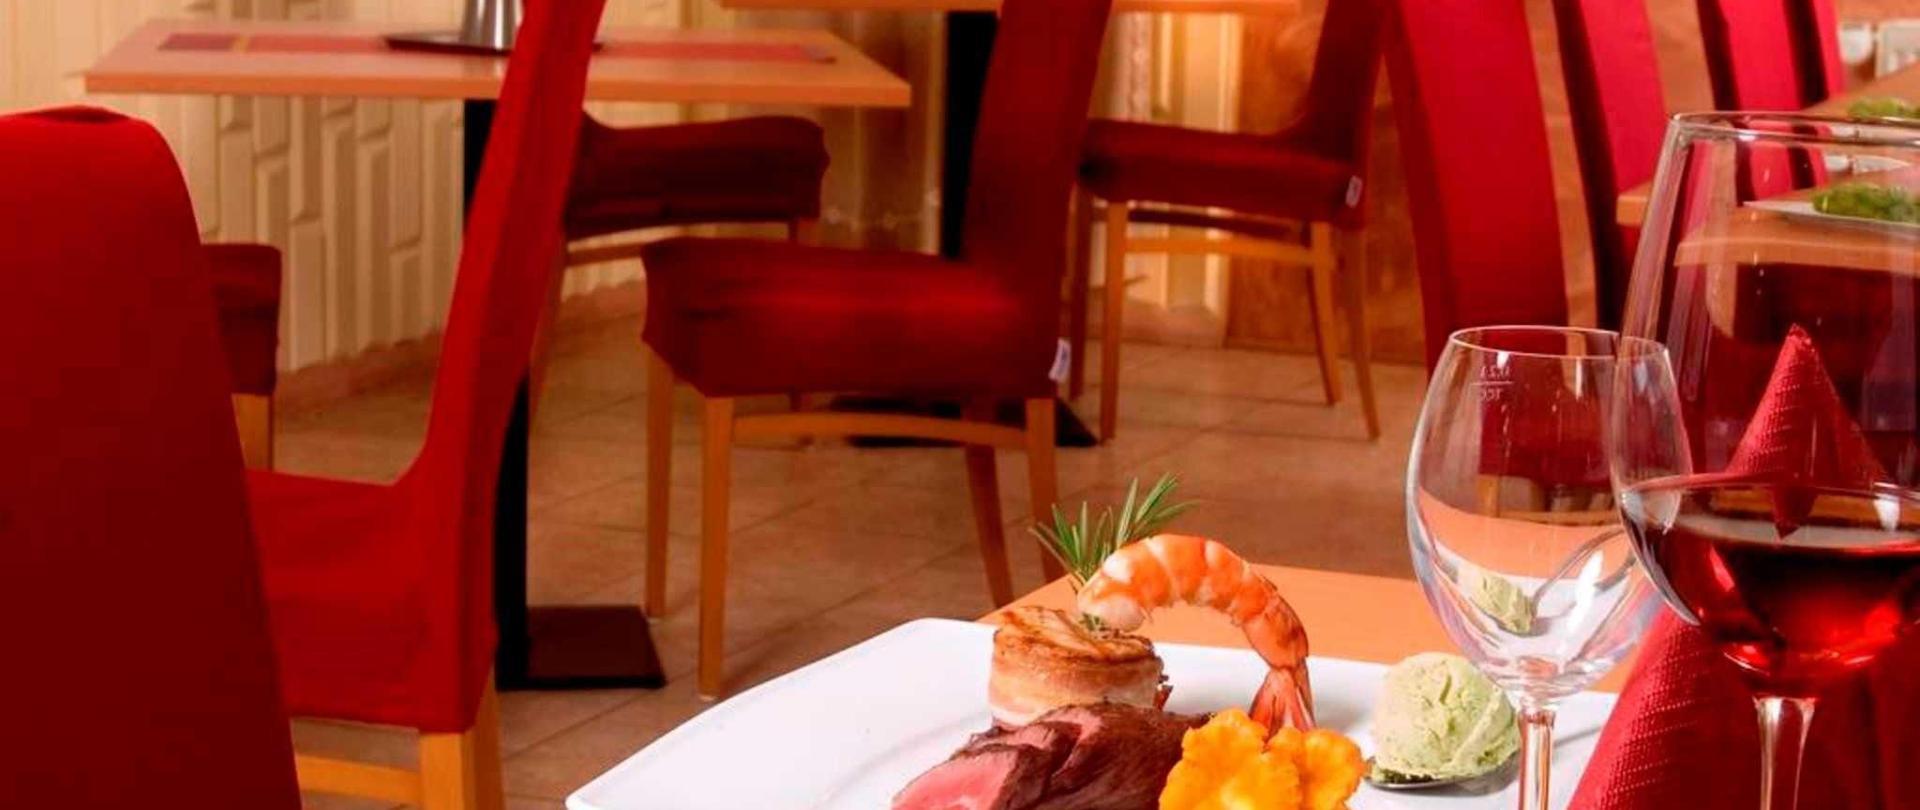 restaurant_02-4.jpg